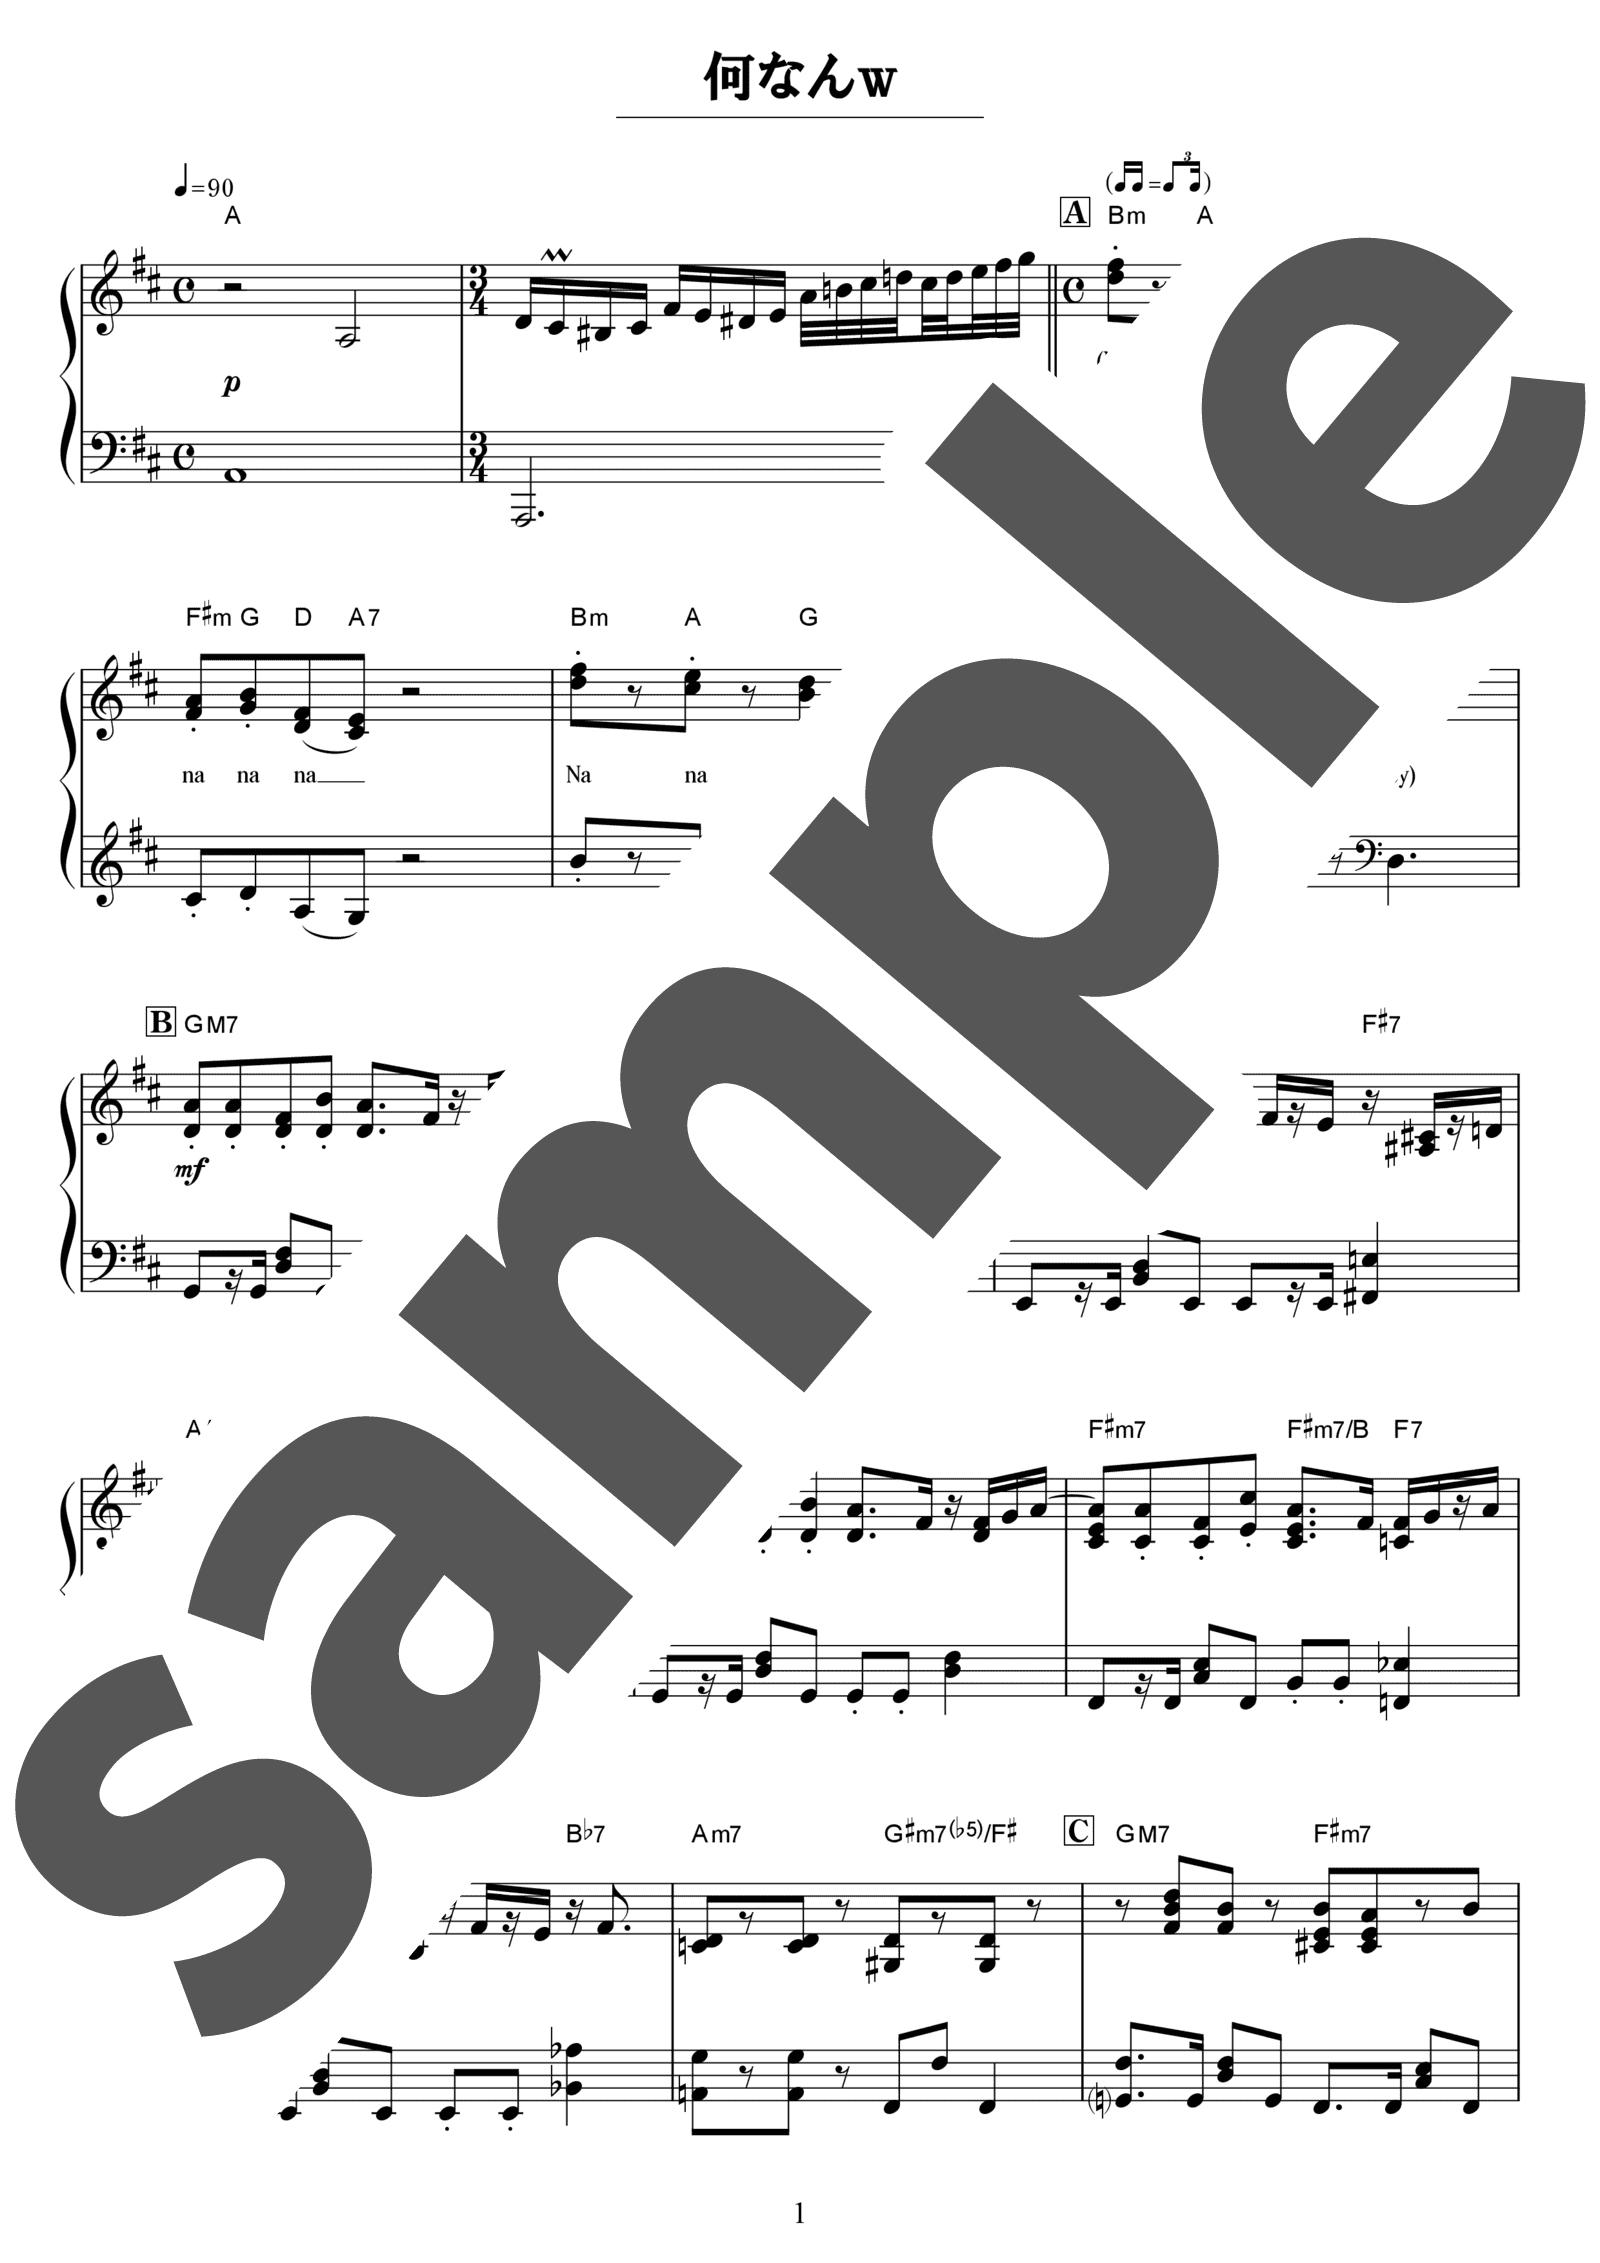 「何なんw」のサンプル楽譜